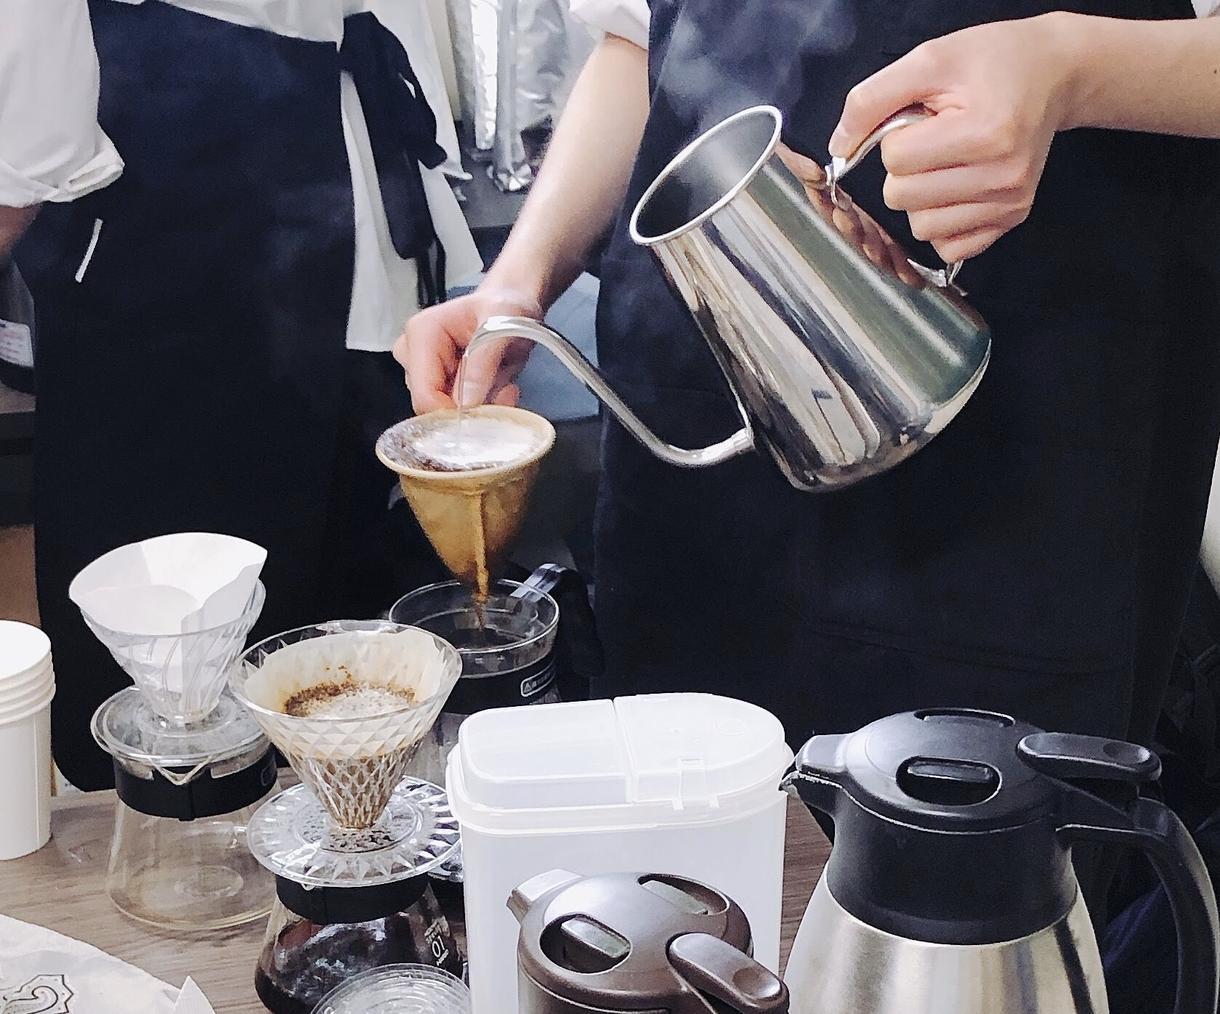 美味しいコーヒーの淹れ方教えます 珈琲研究会会員が美味しいペーパードリップの仕方を教えます!! イメージ1